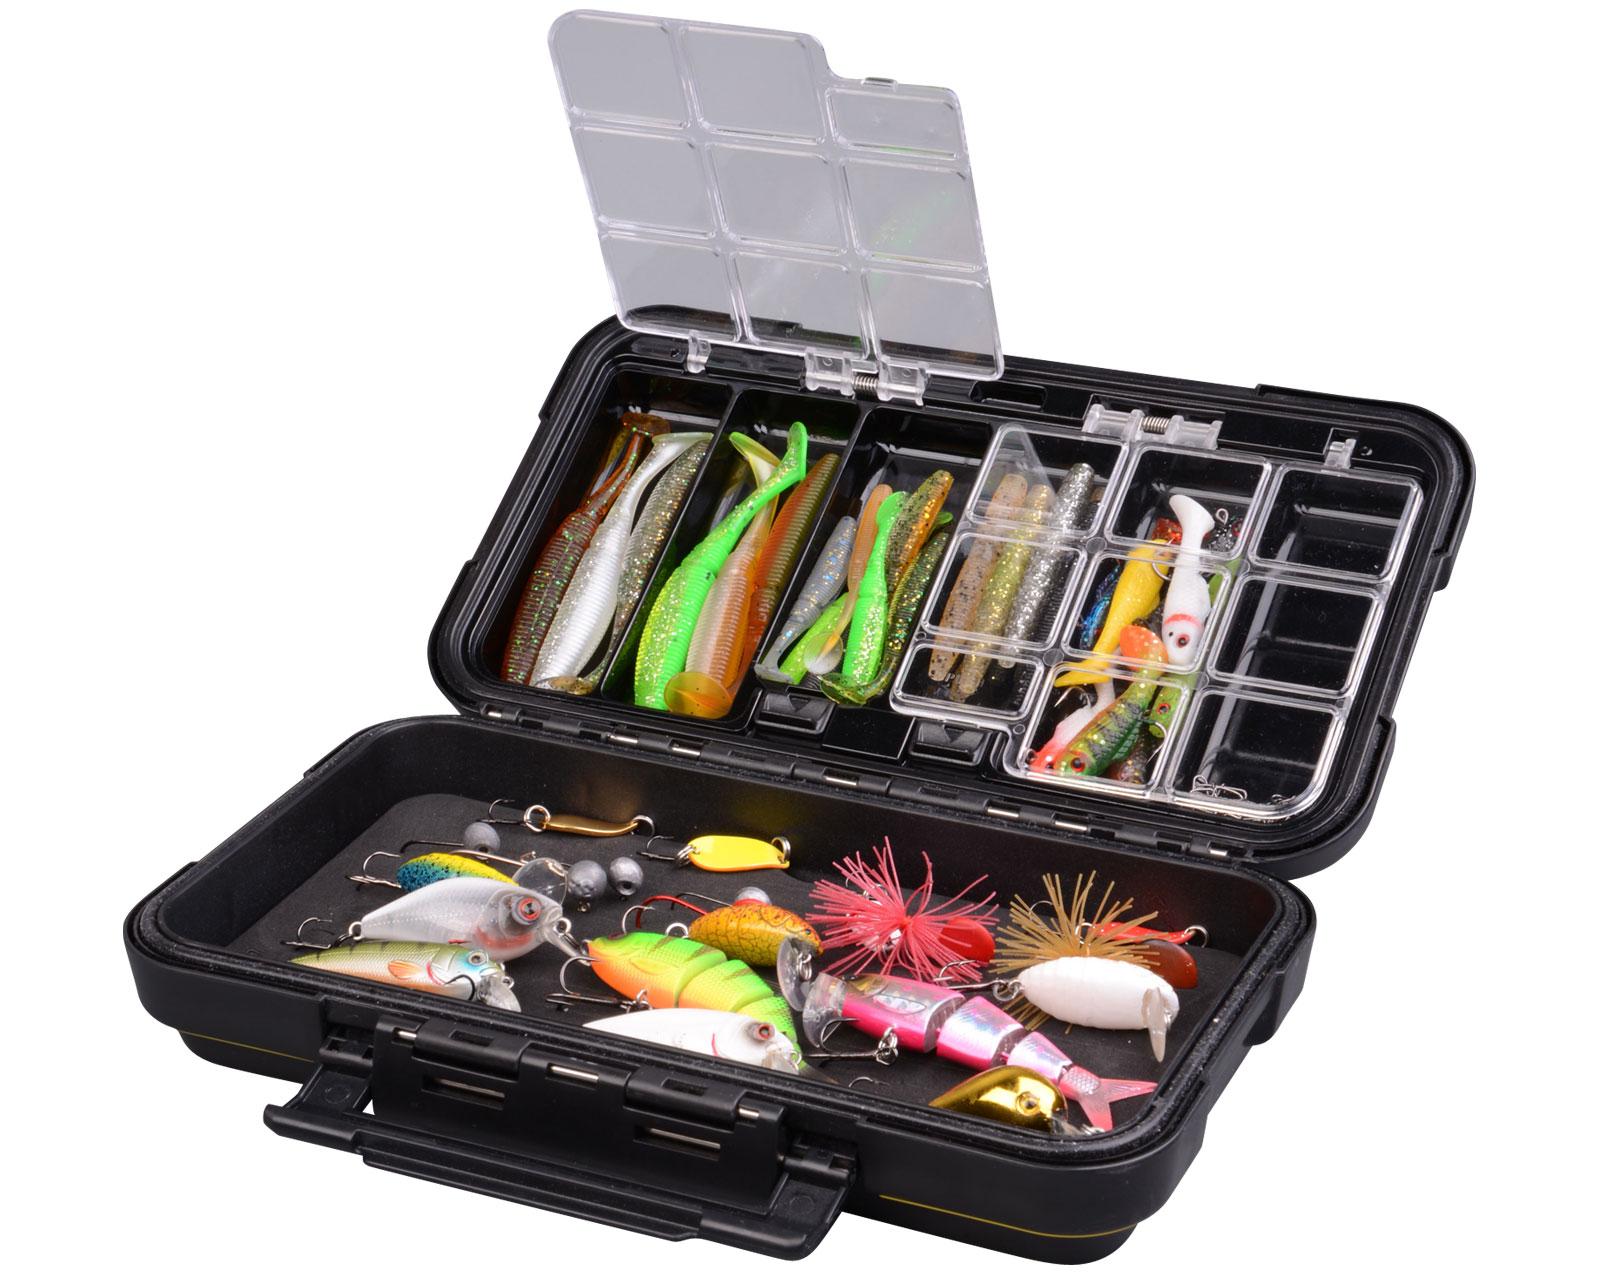 Коробка рыболовная SPRO MULTI STOCKER Size XL 197x115x50mm - артикул: 183310343